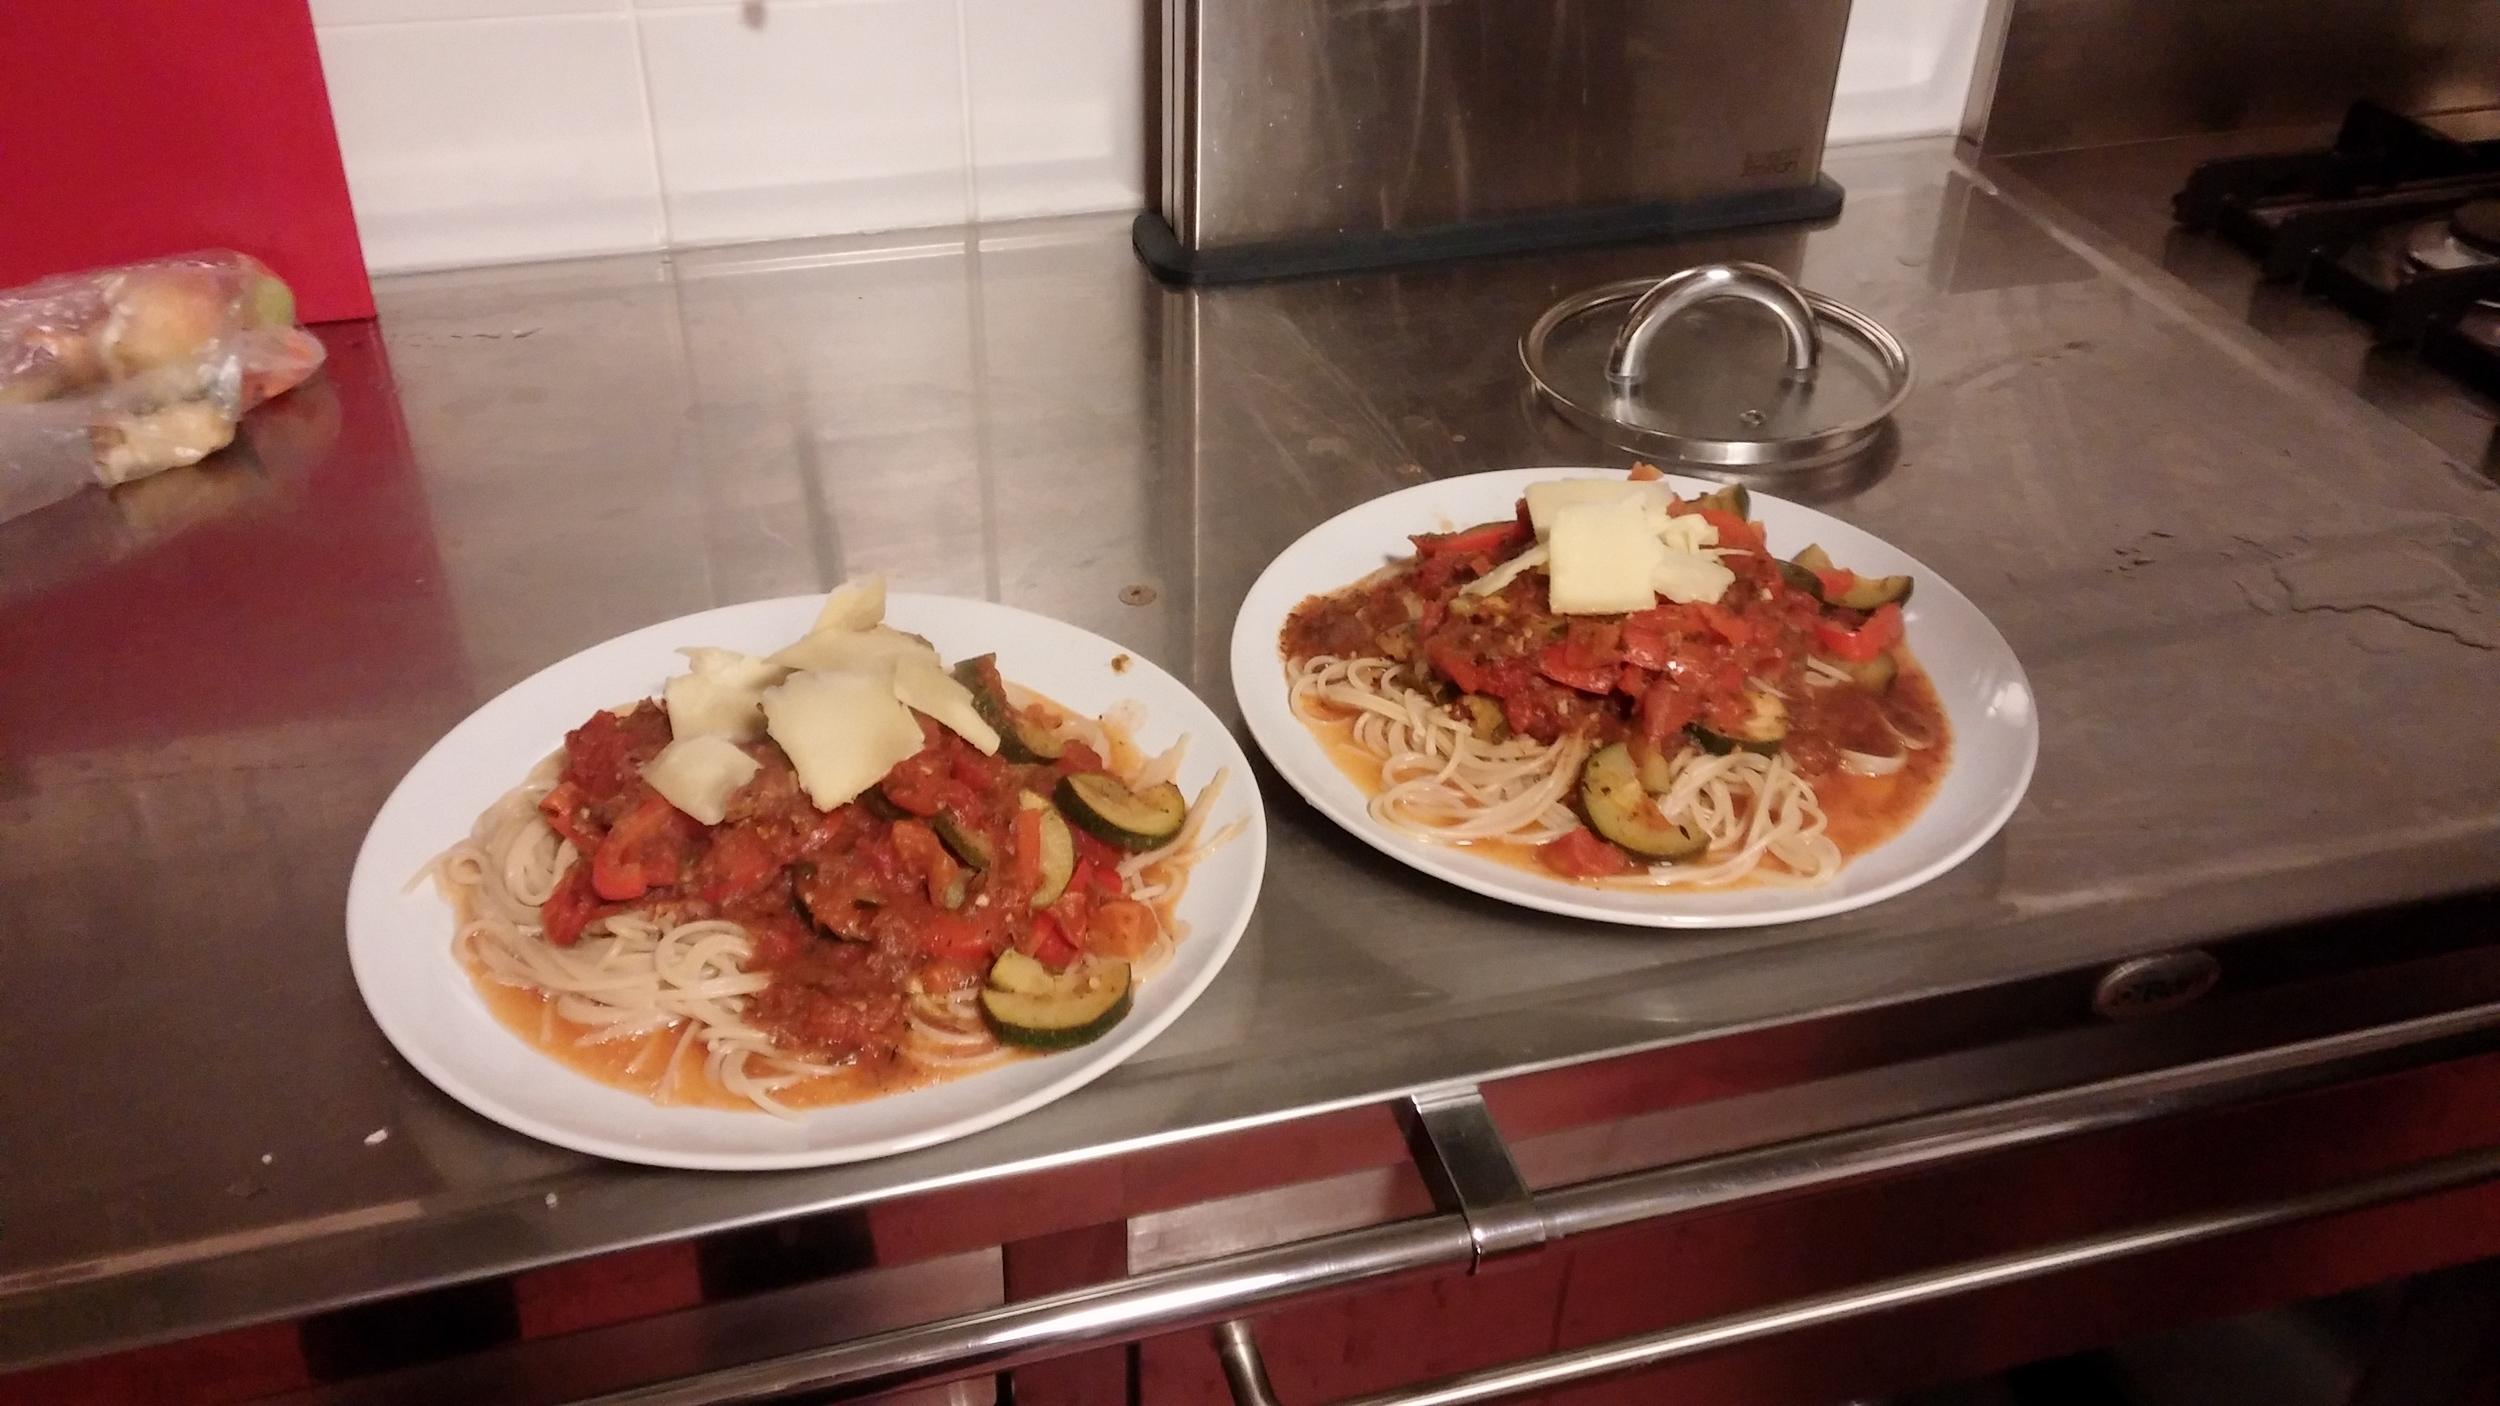 I made spaghetti for dinner.